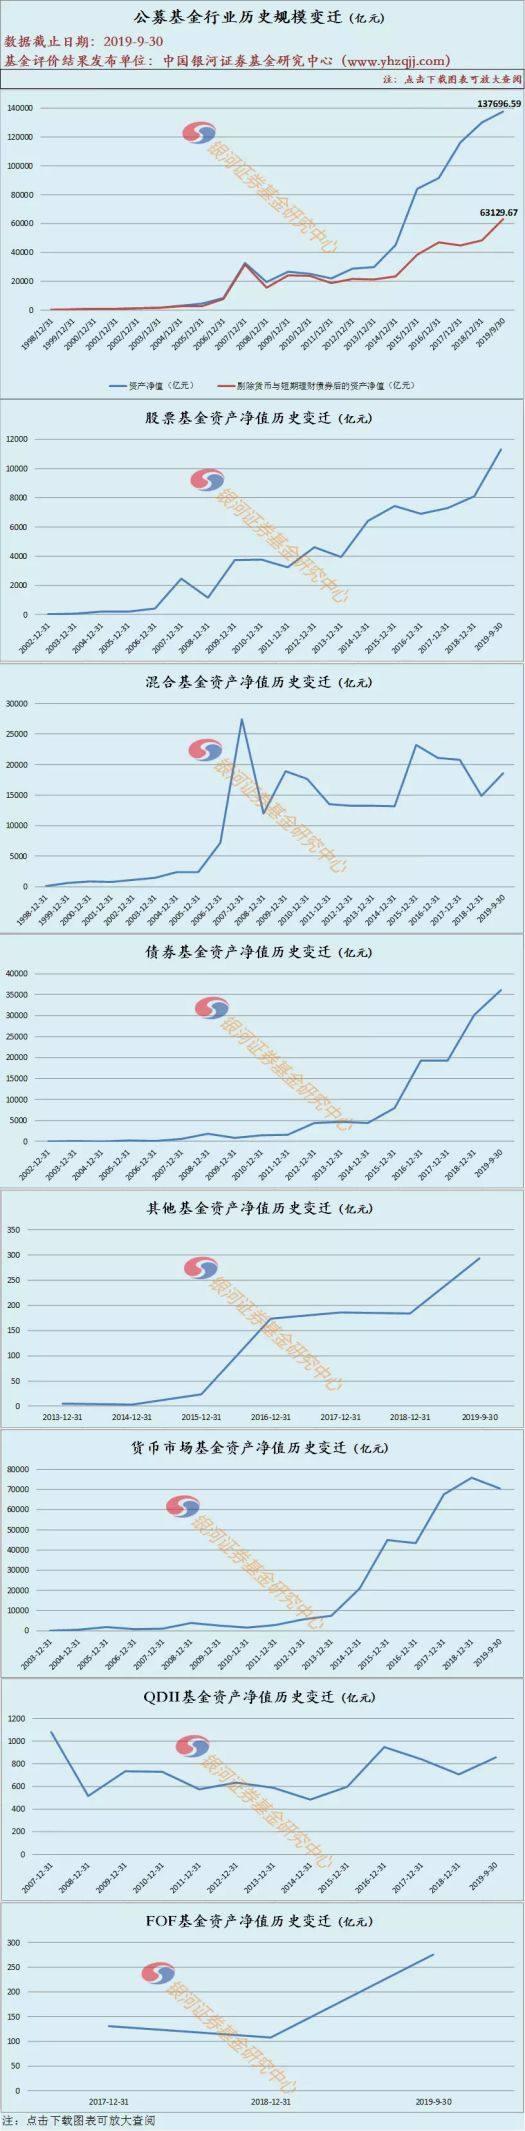 博彩赌现金平台 - CBA:山东西王三分雨没有浇灭北京首钢胜利之火,哈德森空砍30分